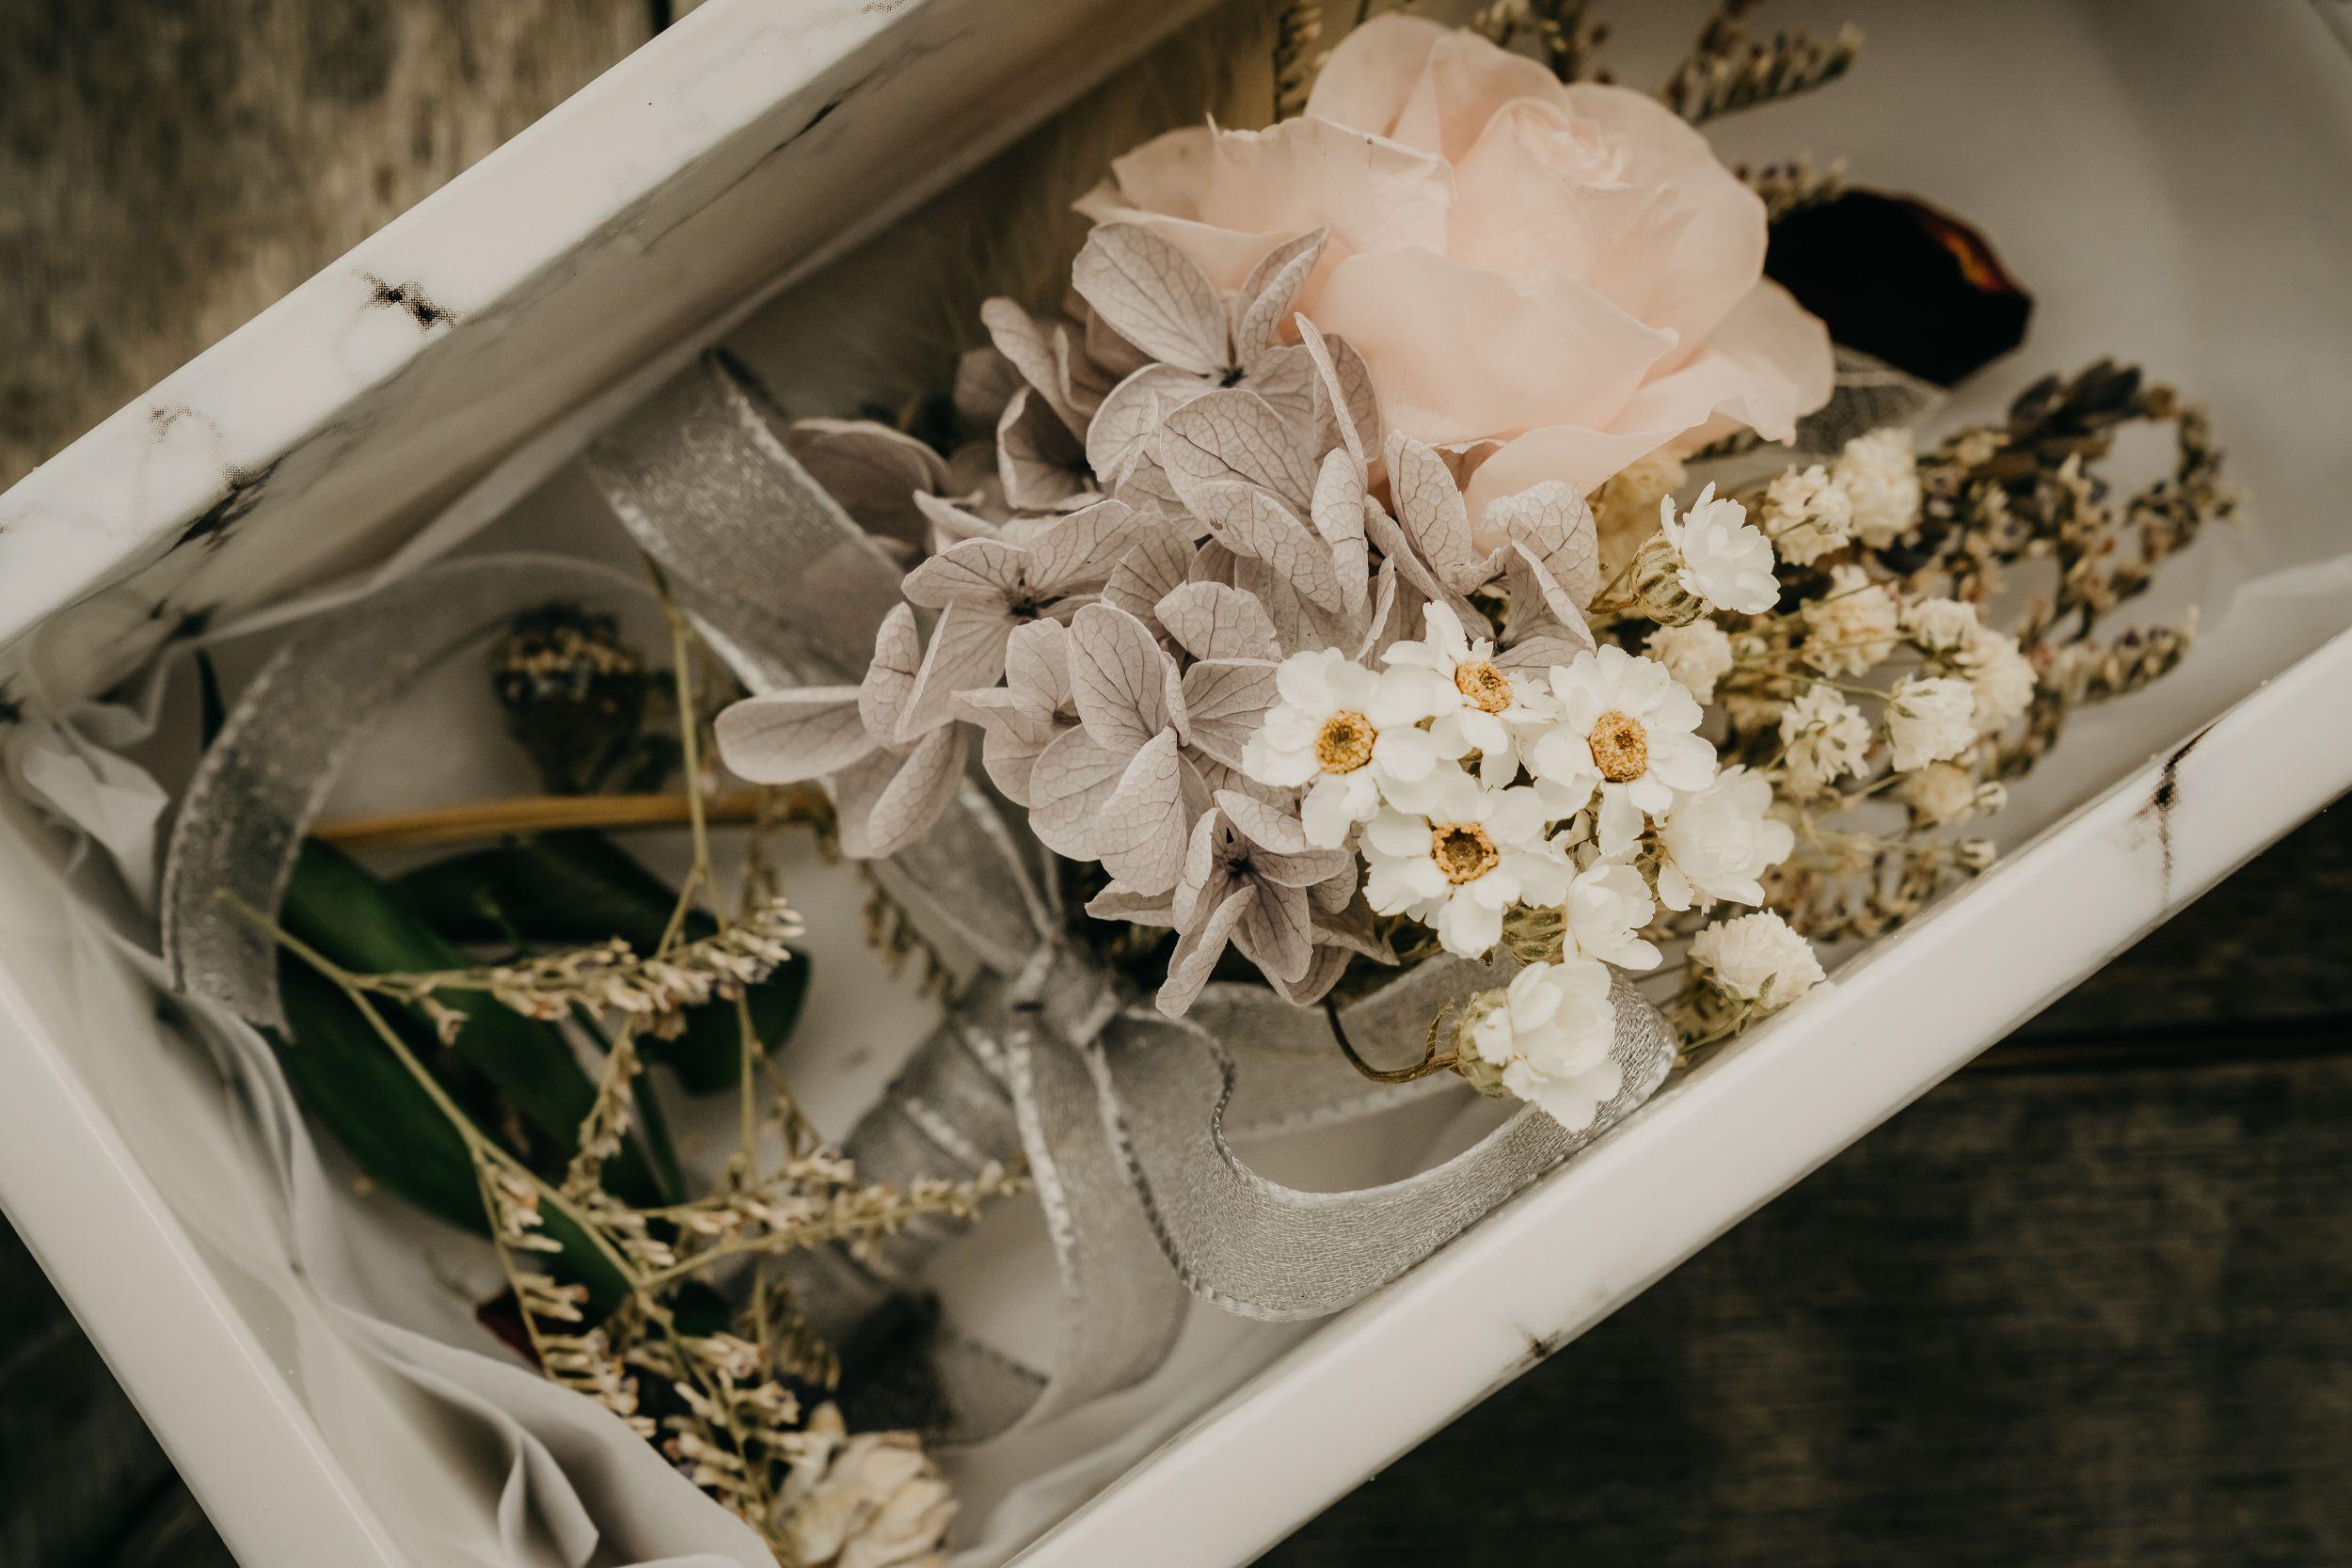 婚禮記錄,婚攝,桃園,大溪,威斯汀,雙機攝影,攝影師,婚顧,婚禮主持,婚禮造型,新秘,類婚紗,全家福,訂婚儀式,結婚儀式,婚攝,北部攝影師,桃園婚攝,